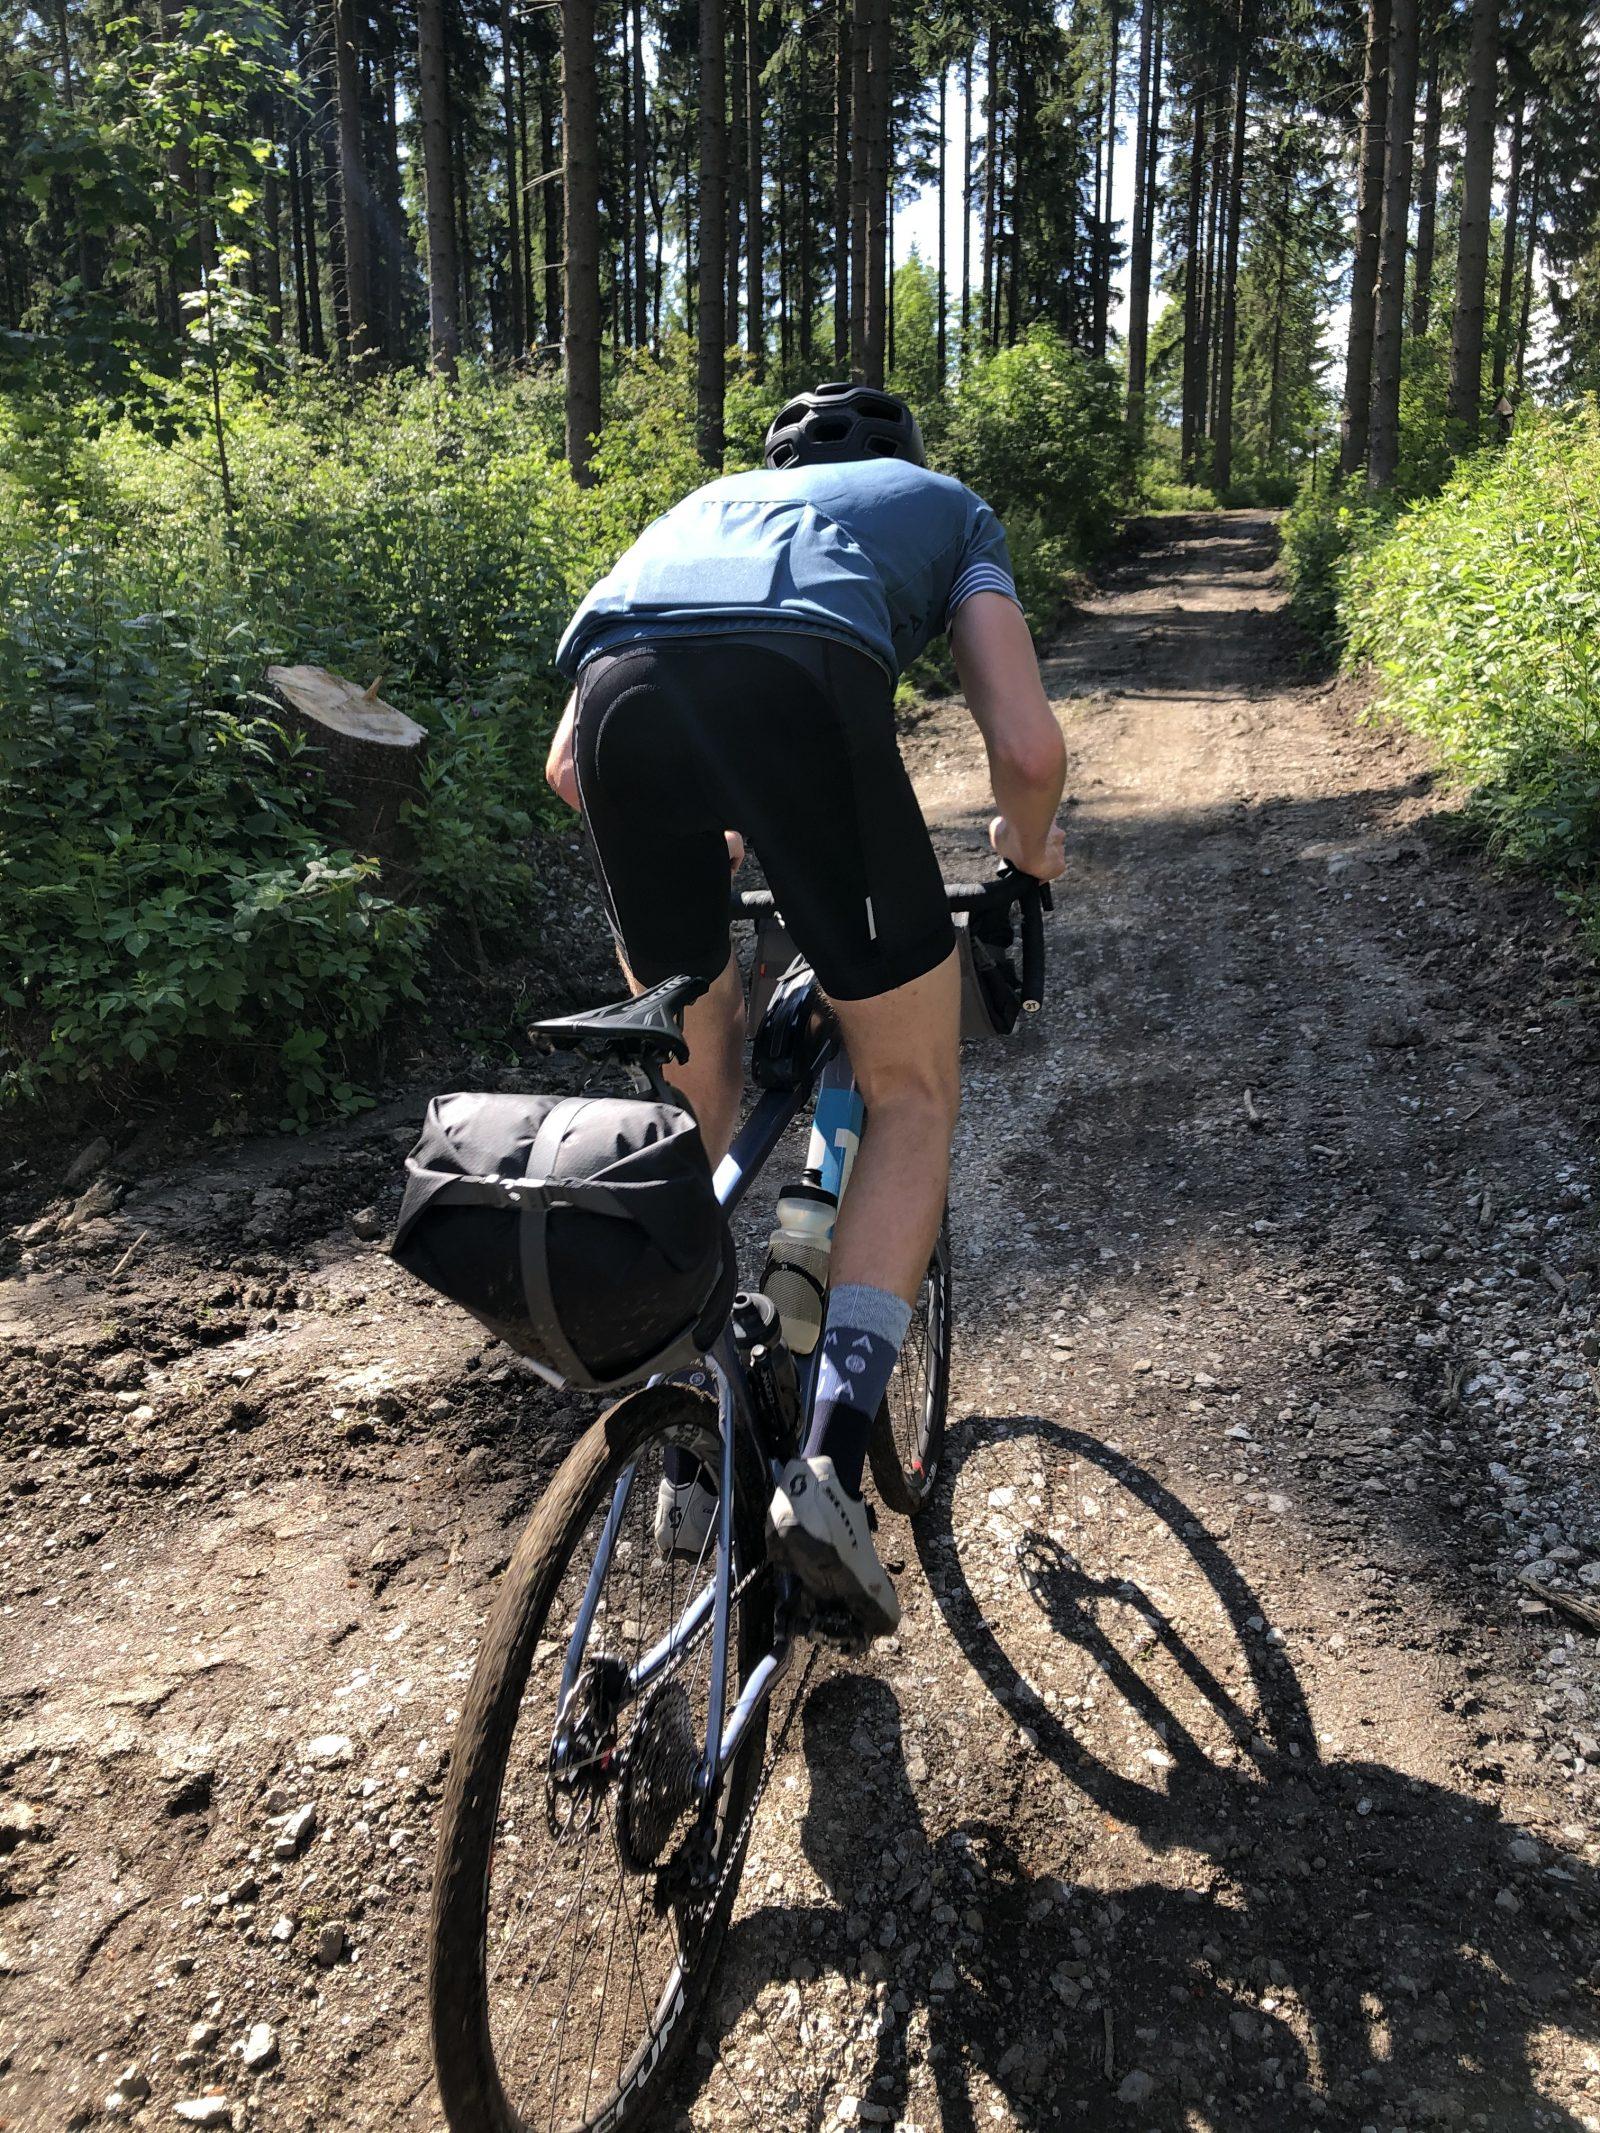 climbs are steep